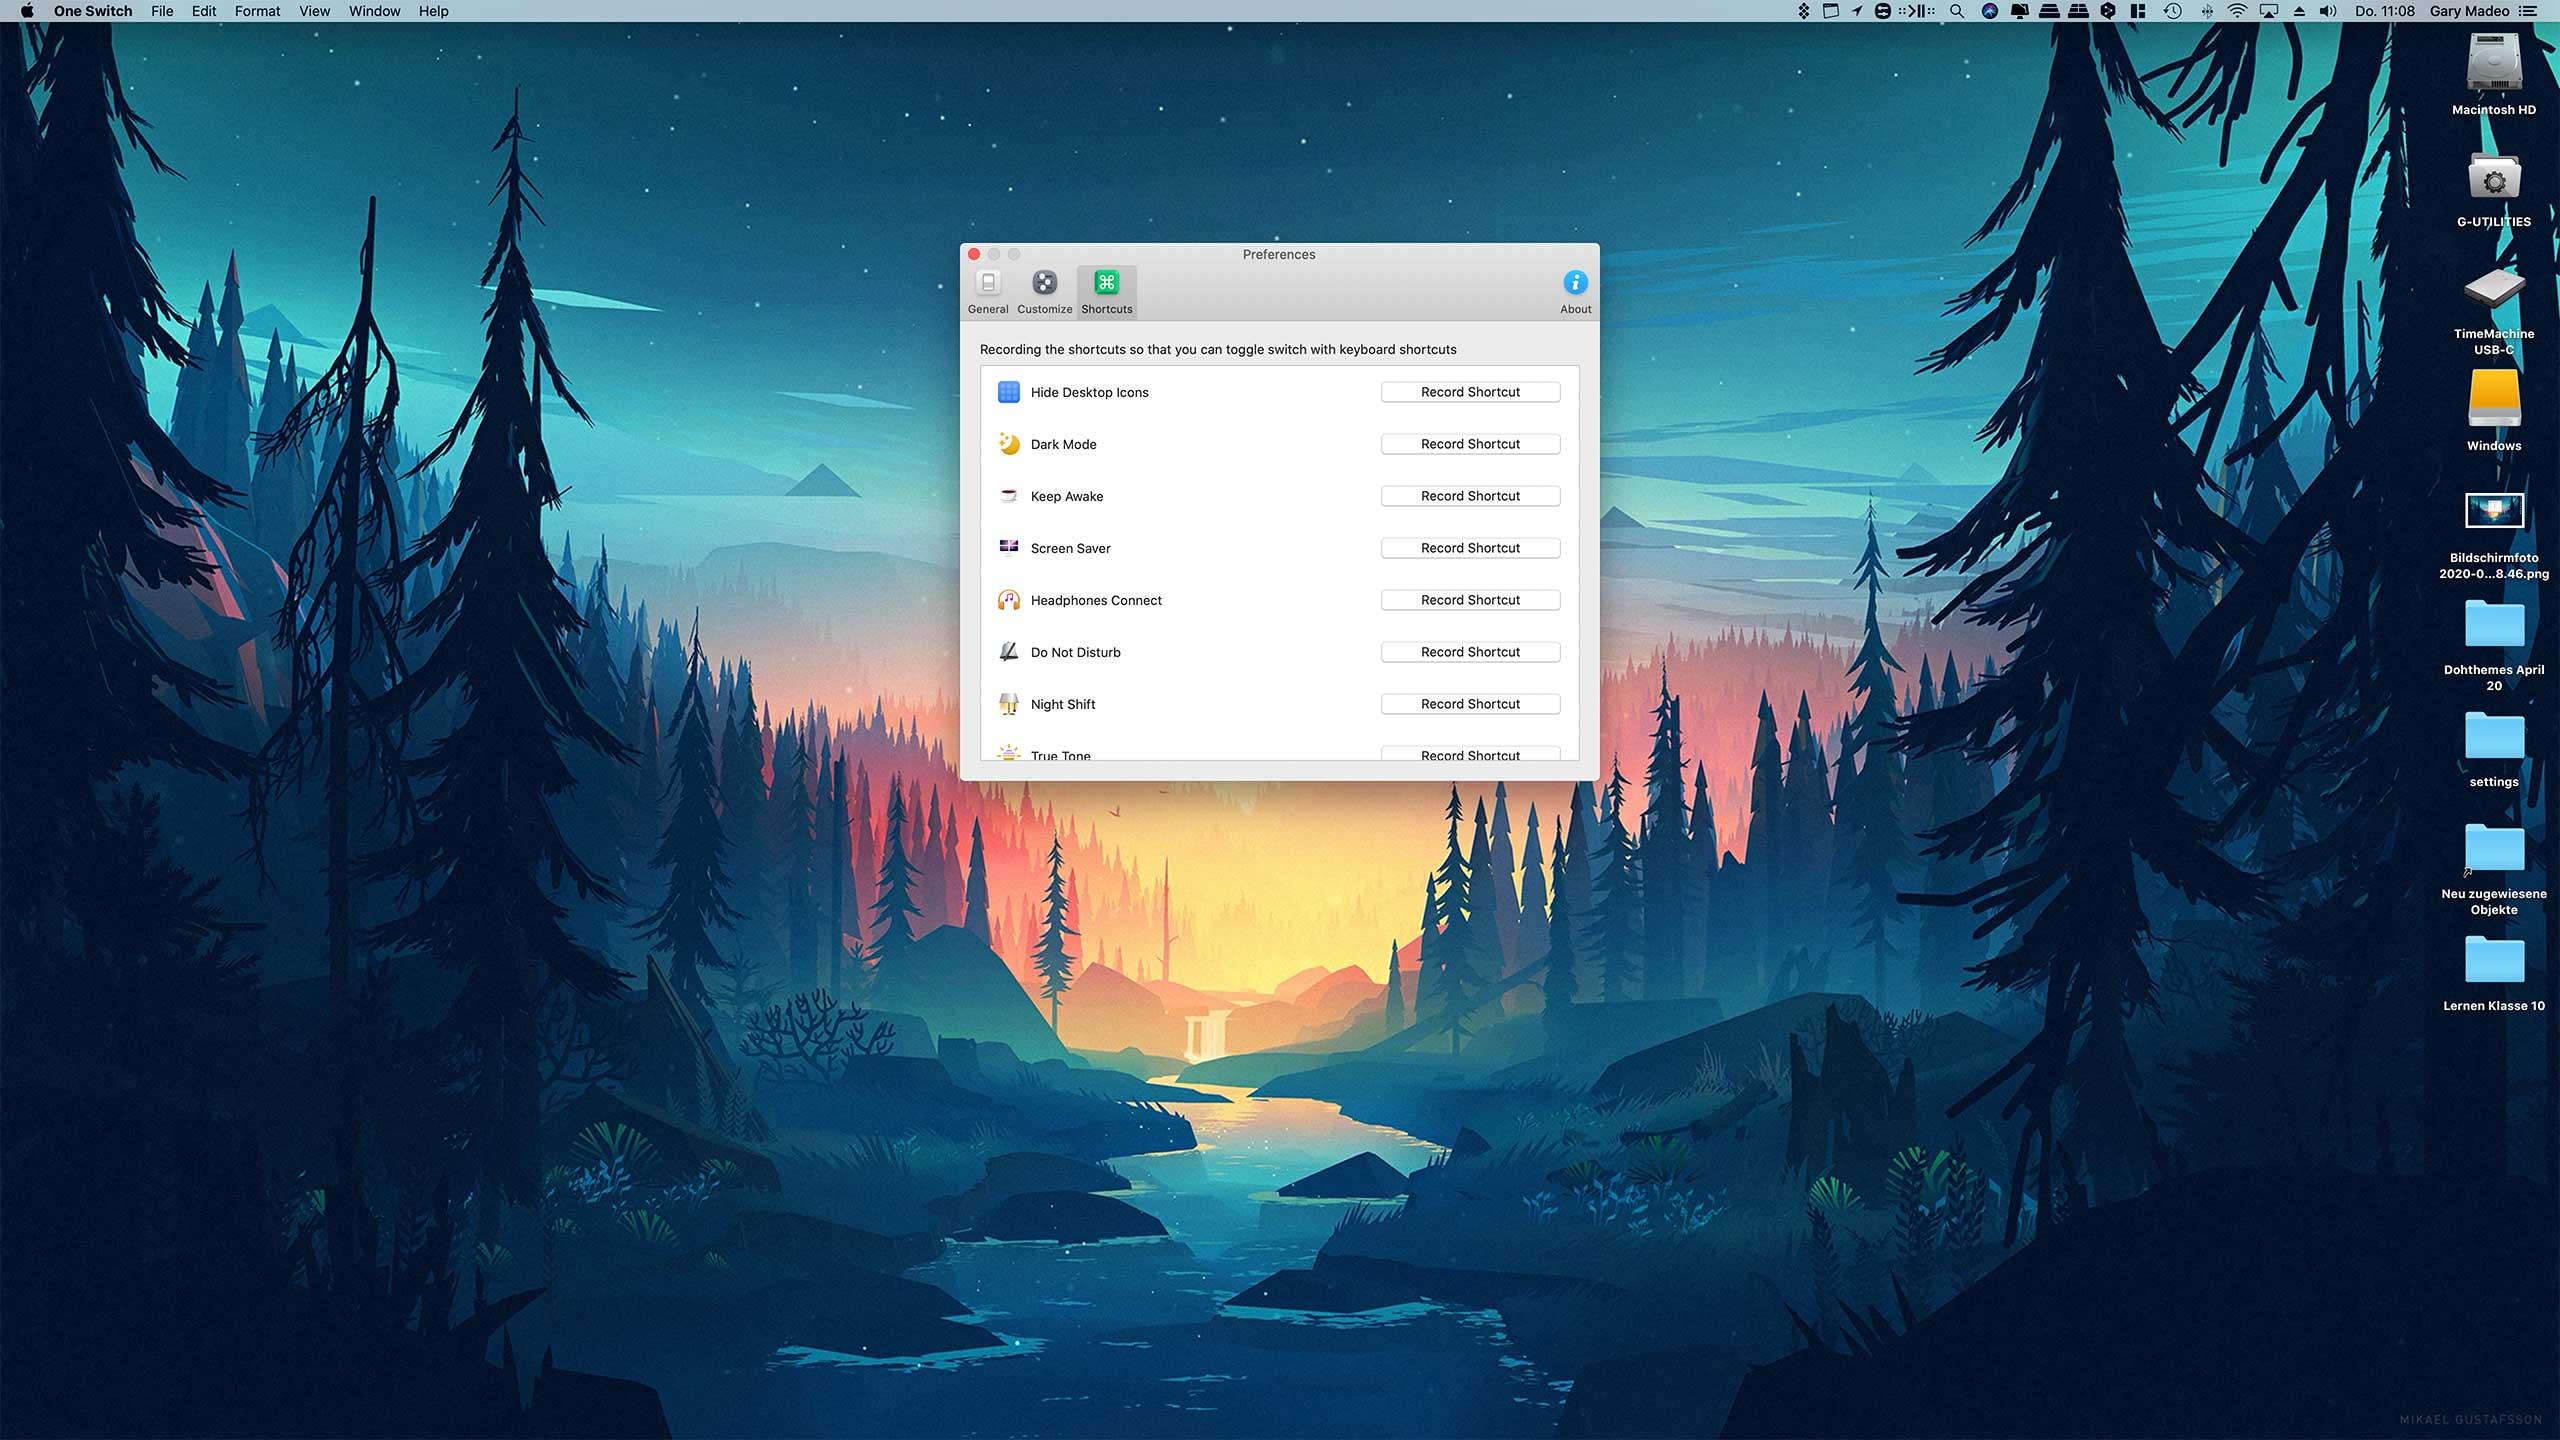 OneSwitch für macOS: Schnellen Zugriff auf wichtige Funktionen erhalten 7 techboys.de • smarte News, auf den Punkt! OneSwitch für macOS: Schnellen Zugriff auf wichtige Funktionen erhalten